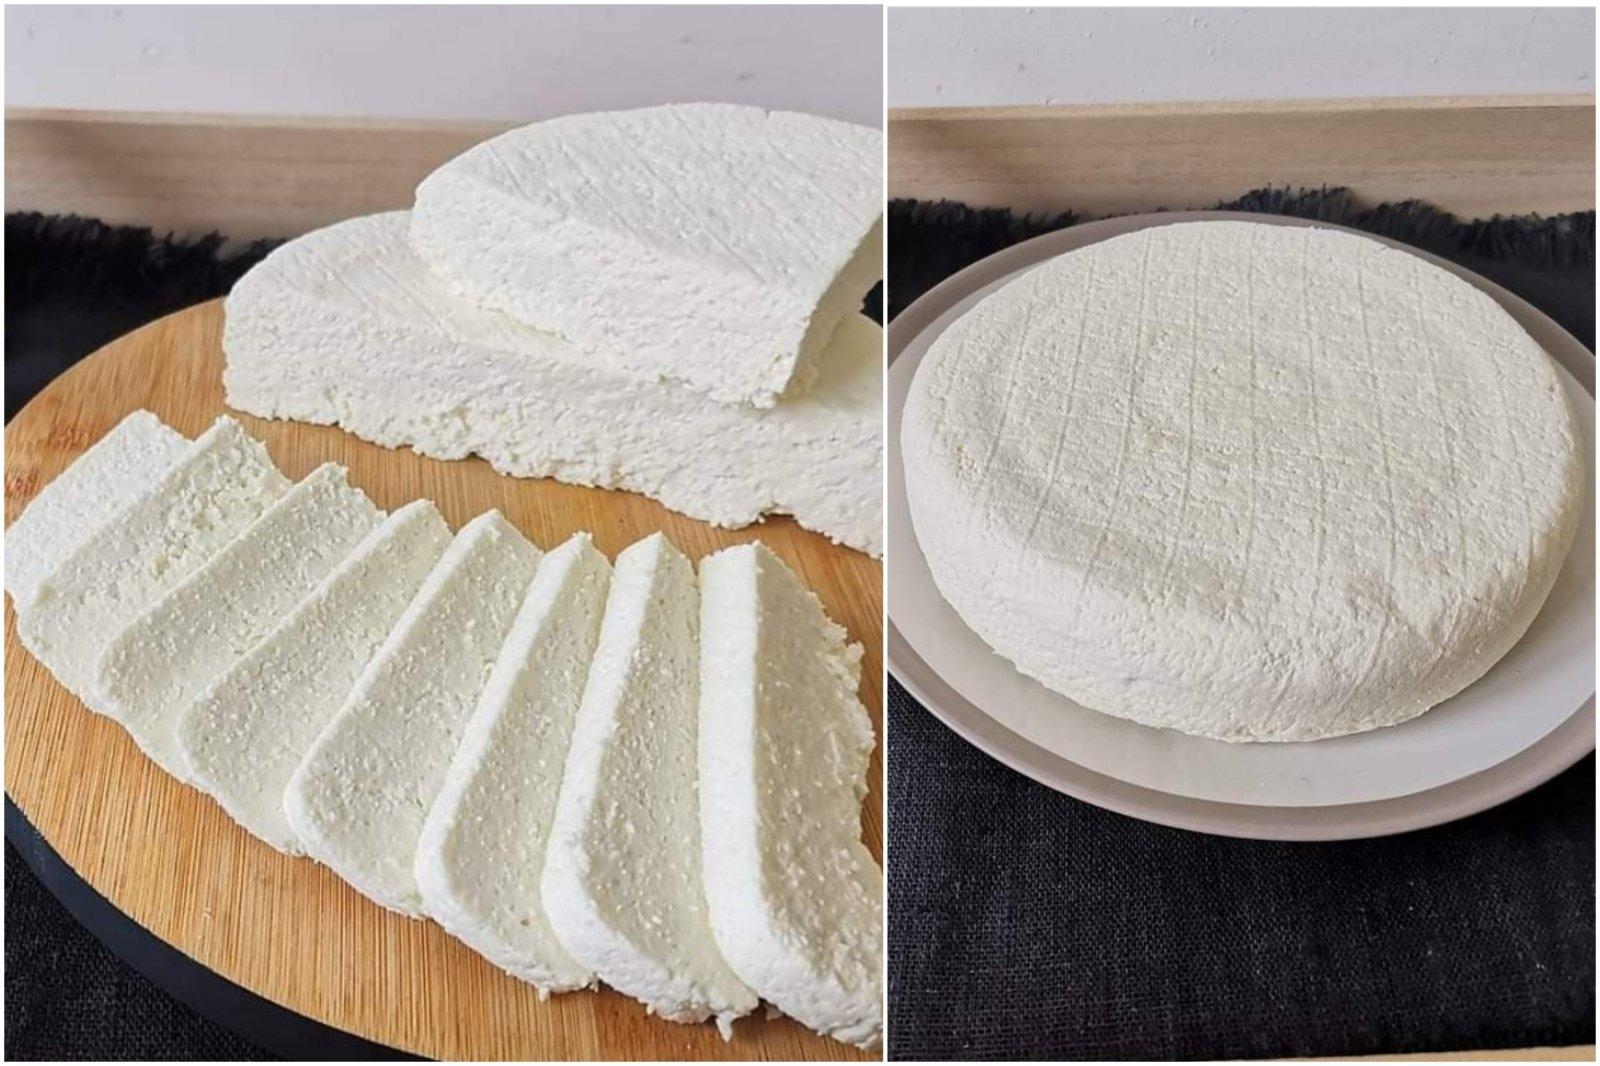 Šviežias naminis varškės sūris - kaip lengvai pasigaminti patiems? Keliaujame žingnis po žingsnio!